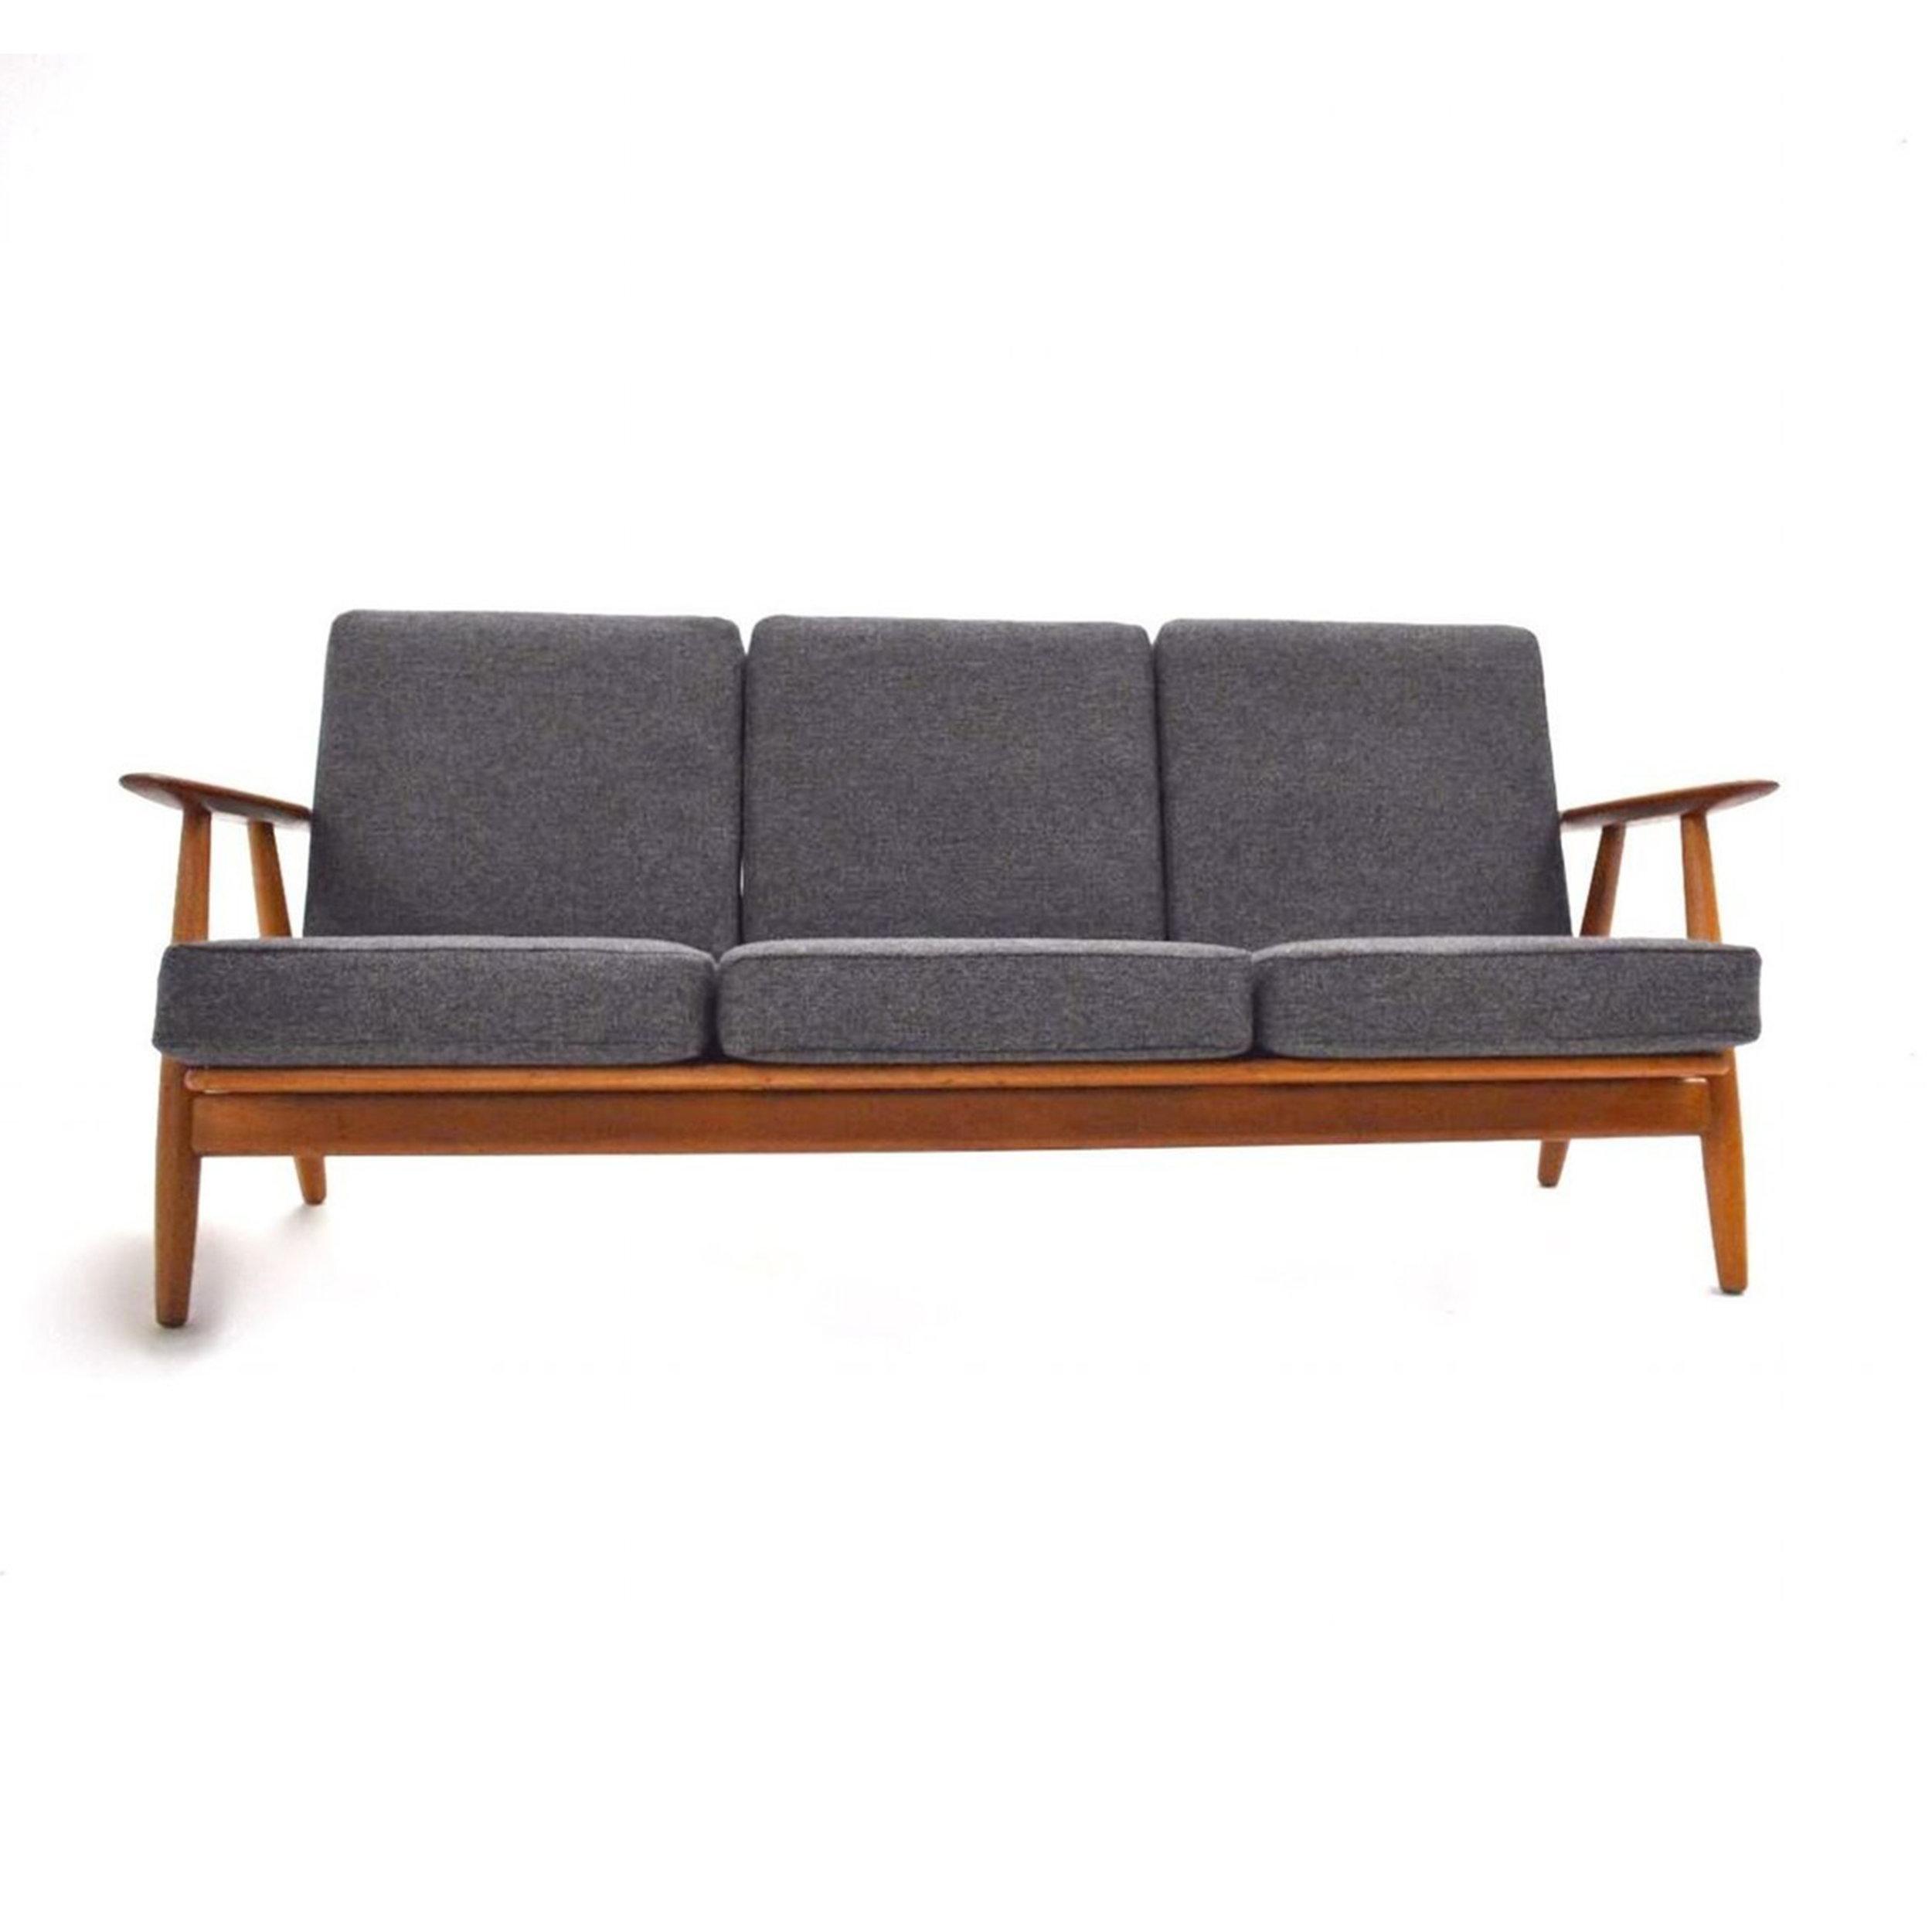 upholstery5.jpg